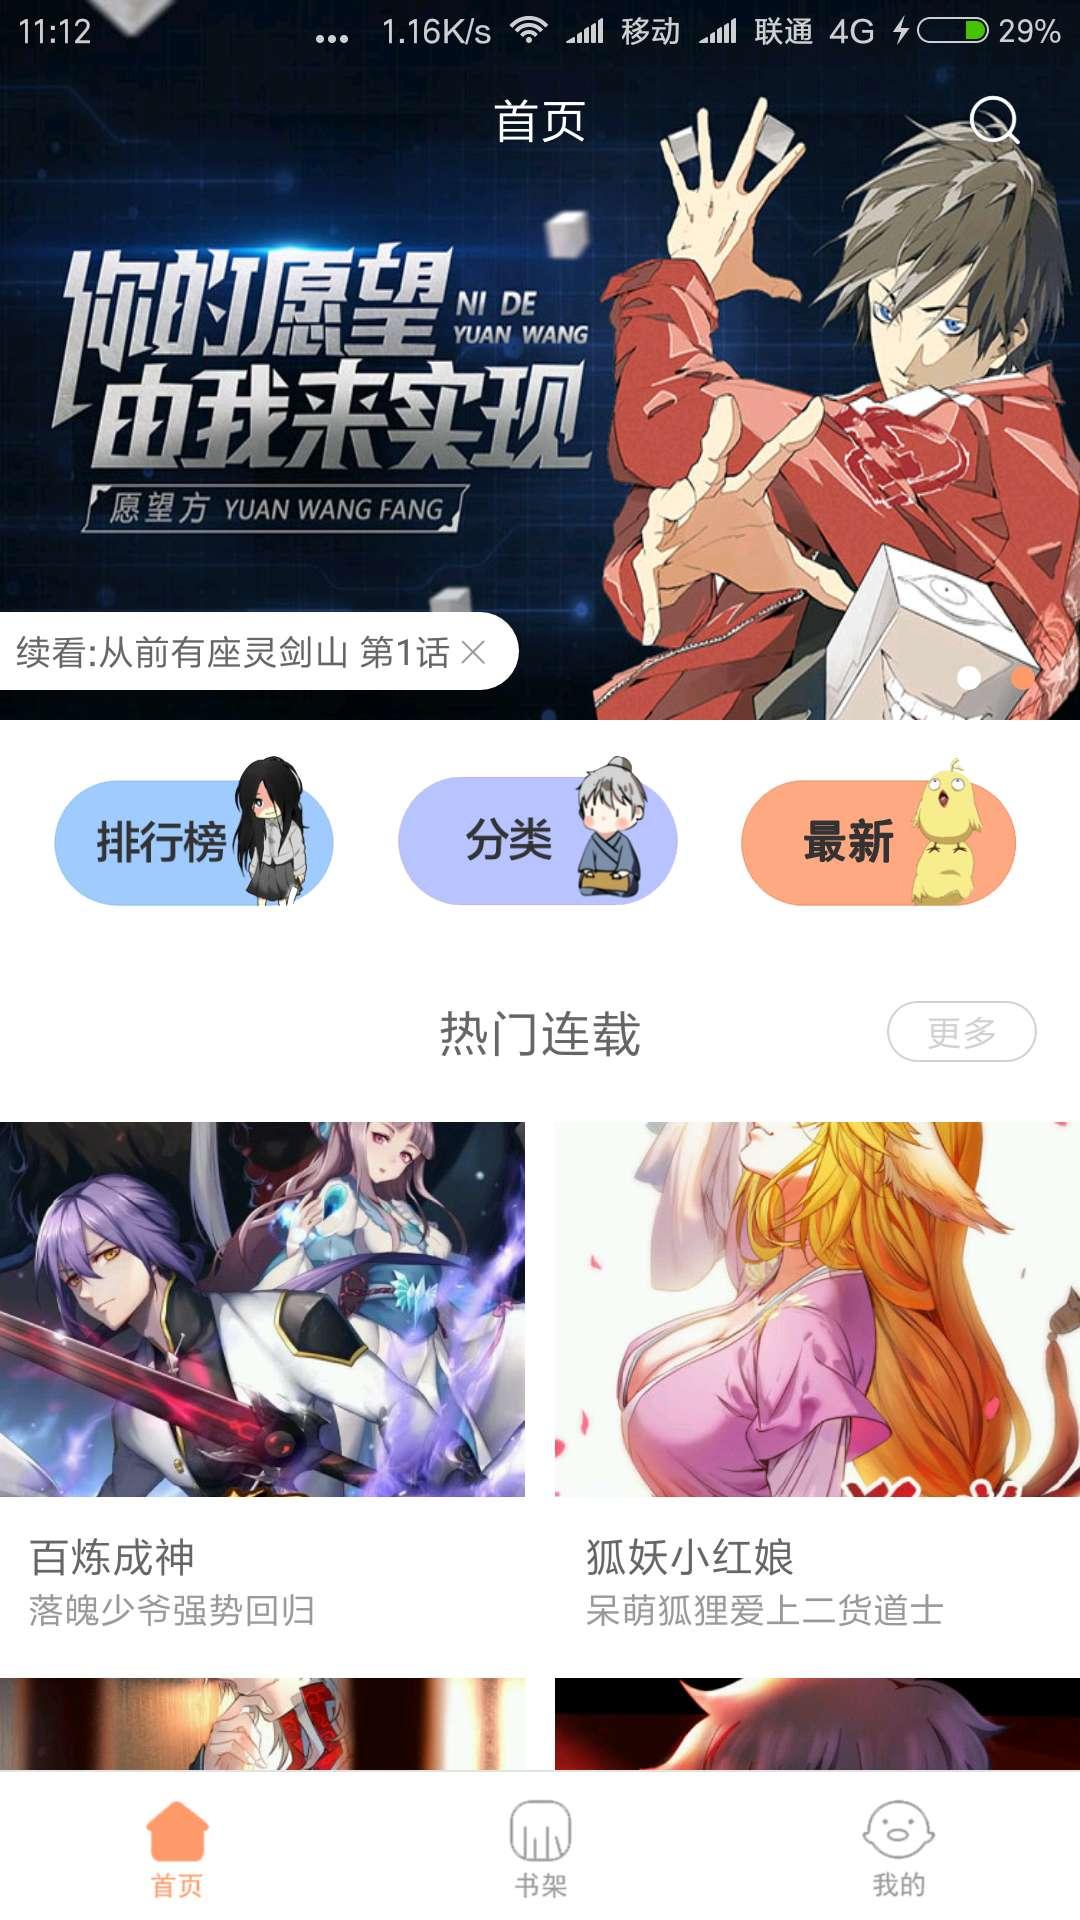 仿造腾讯漫画的APP z_comic_new